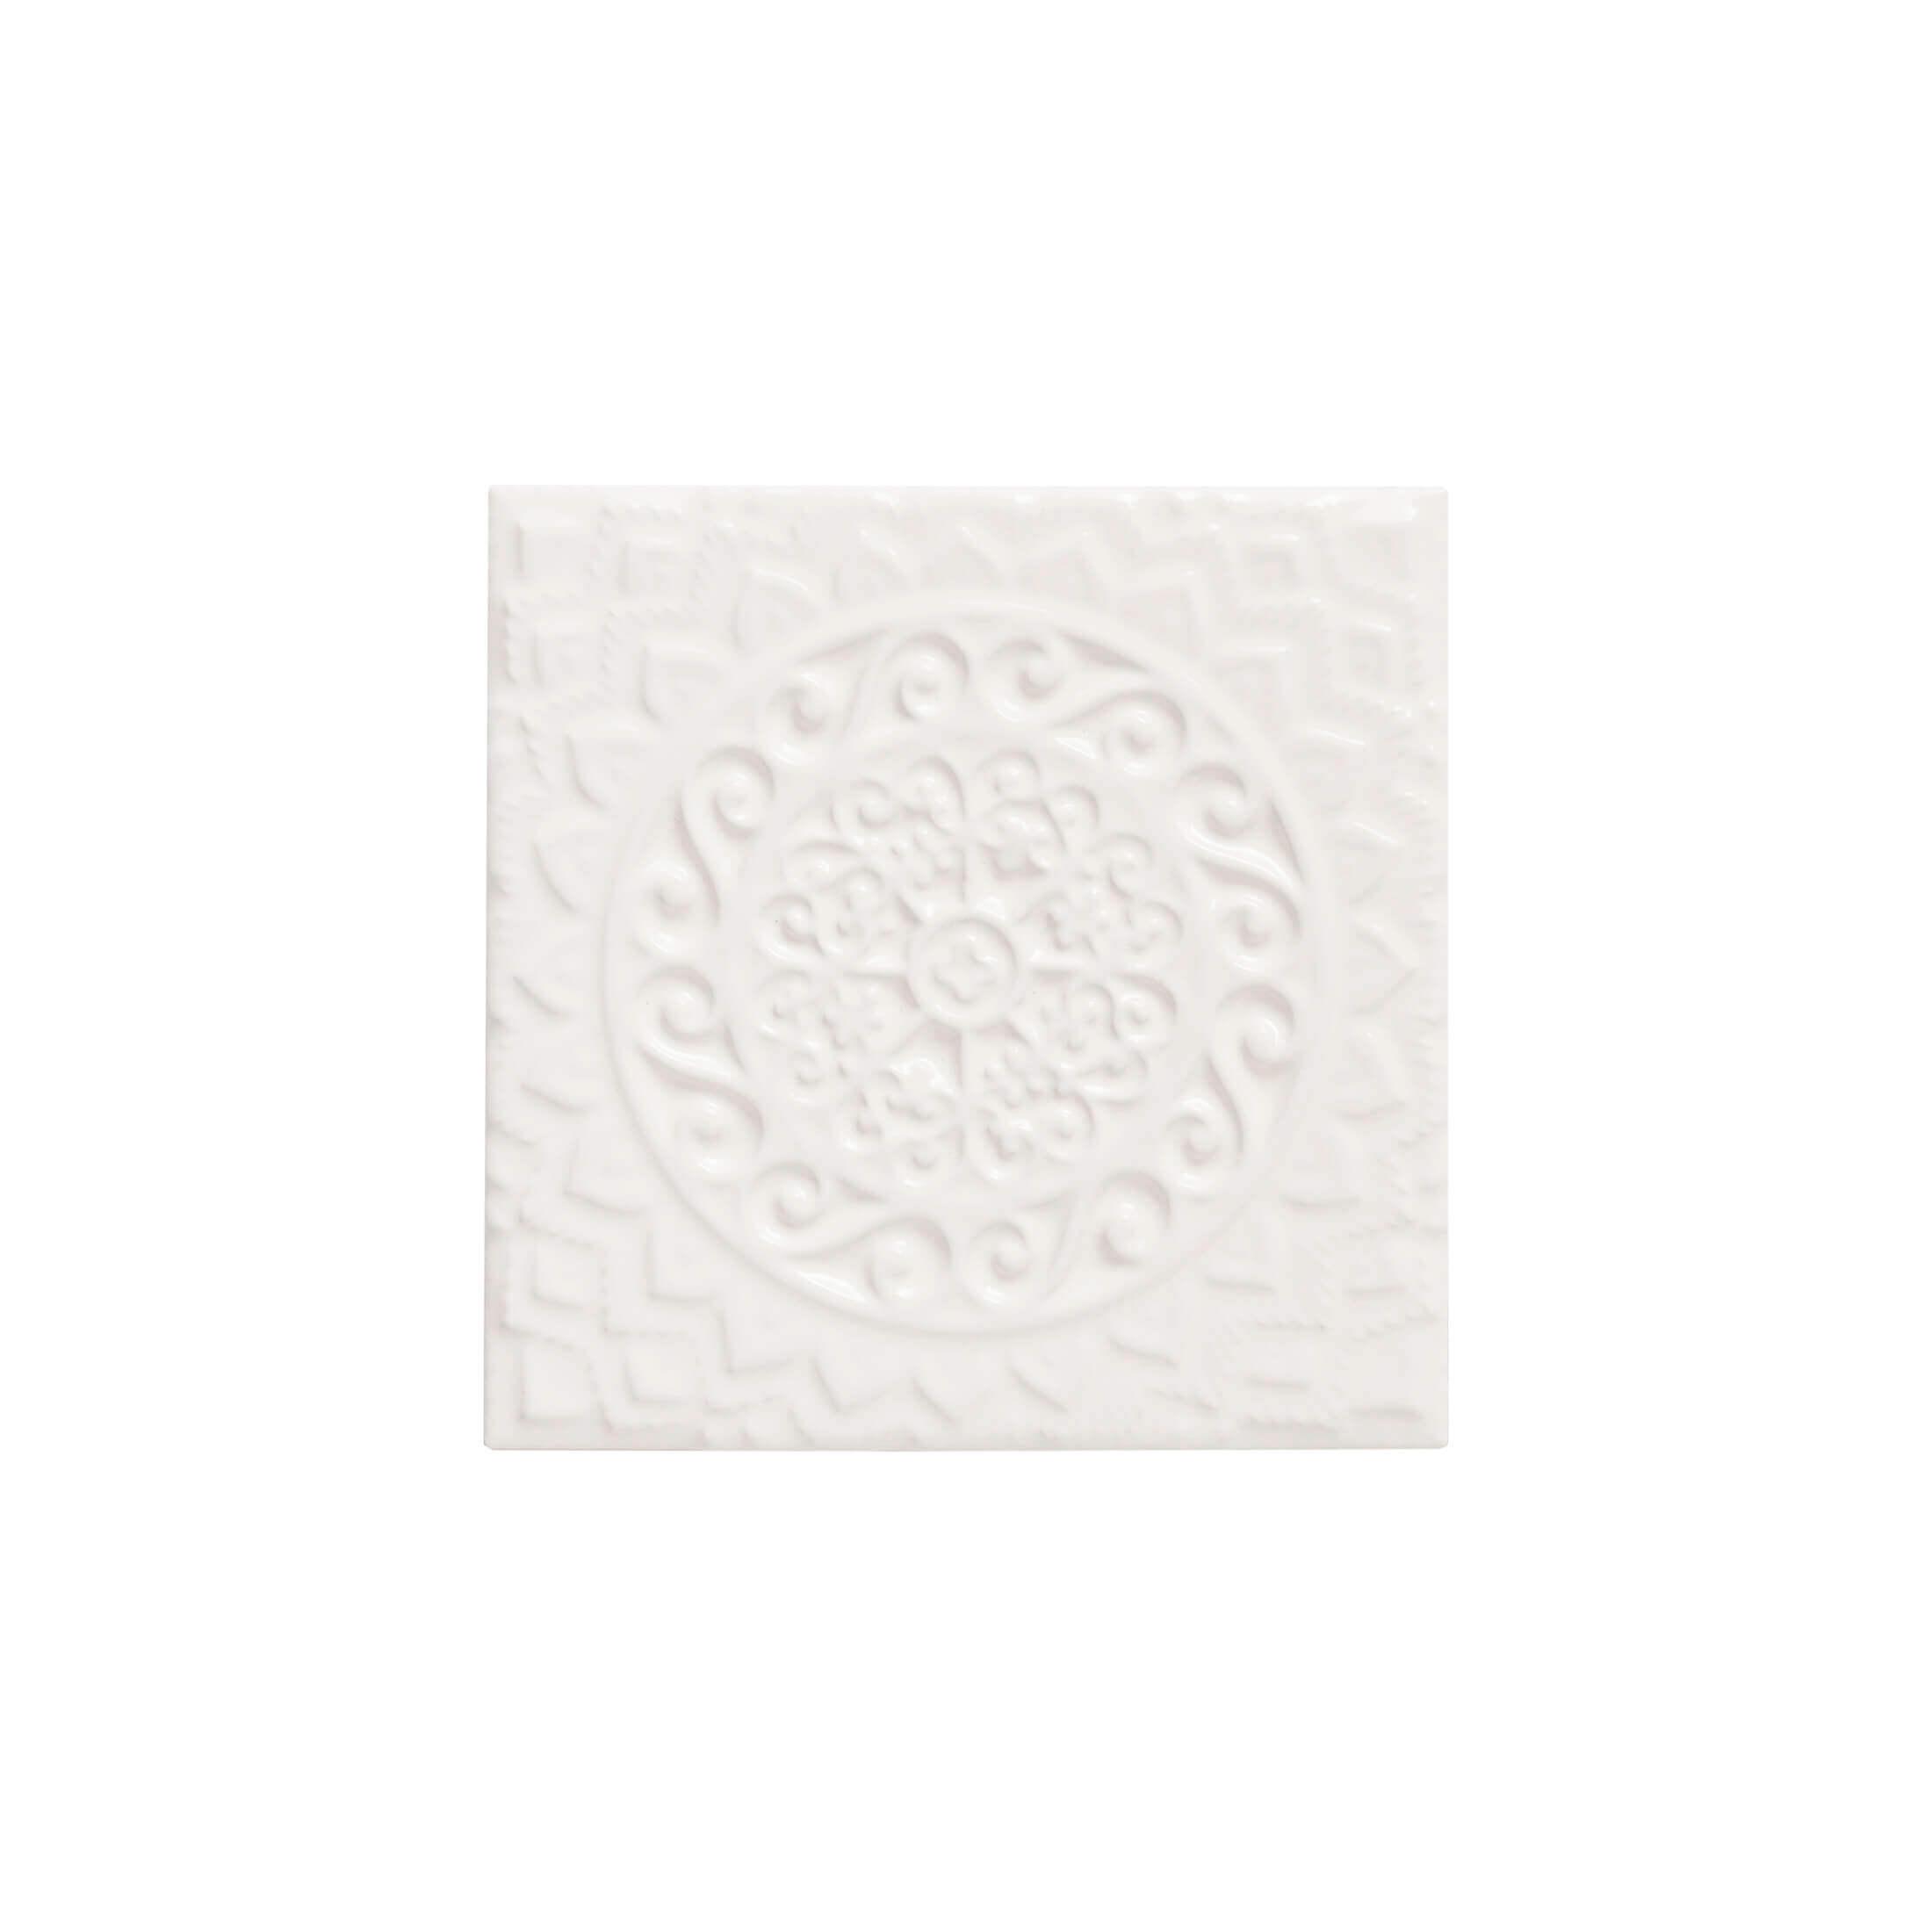 ADST4099 - RELIEVE MANDALA UNIVERSE - 14.8 cm X 14.8 cm